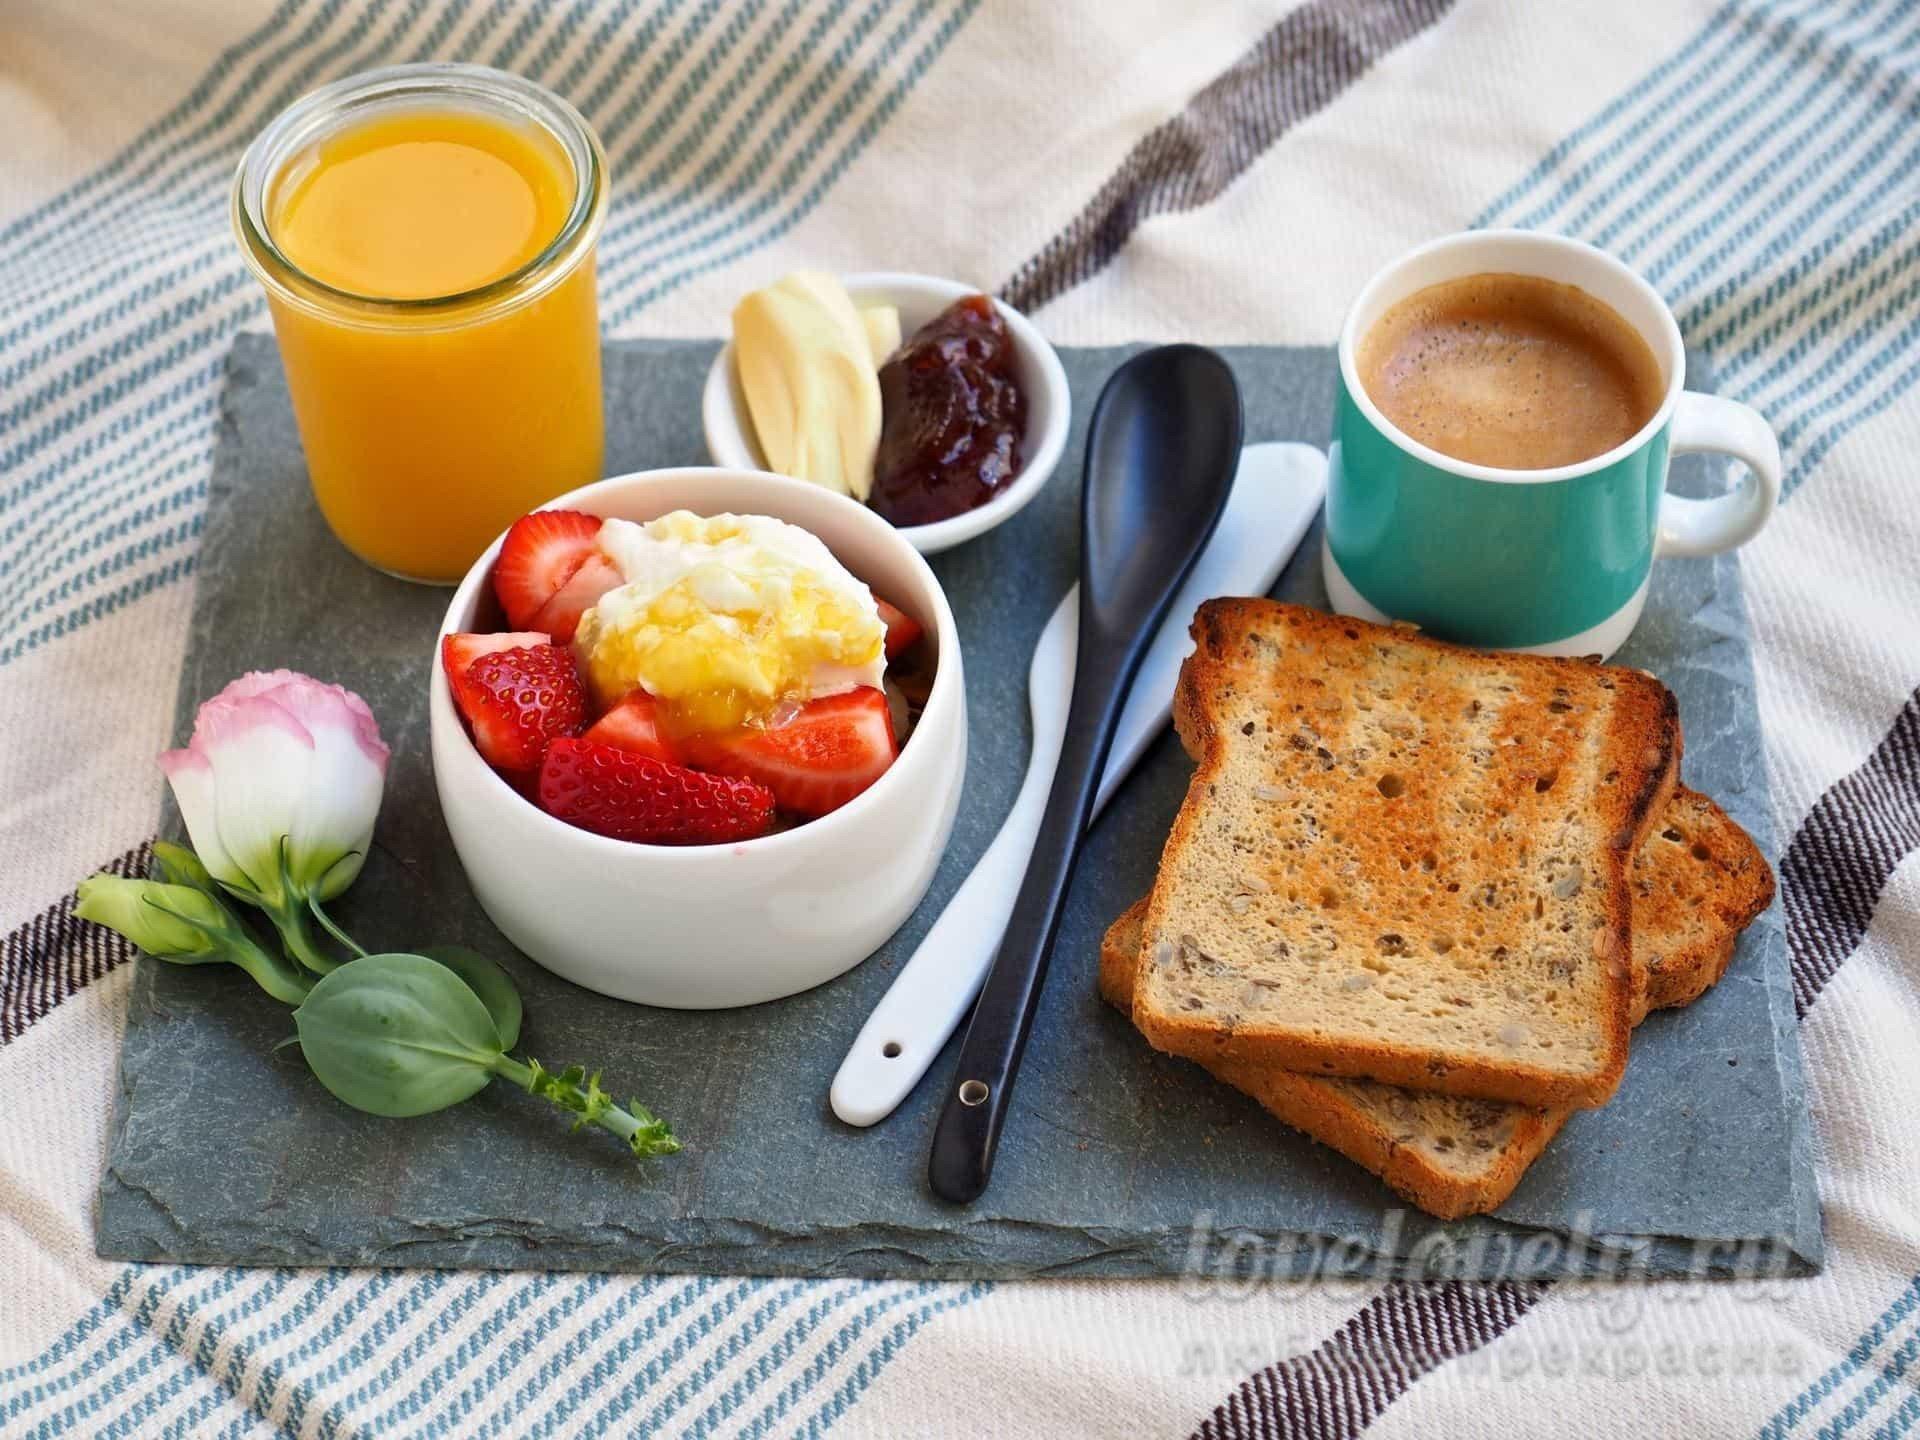 картинки доброе утро завтрак с кофе будем разбирать